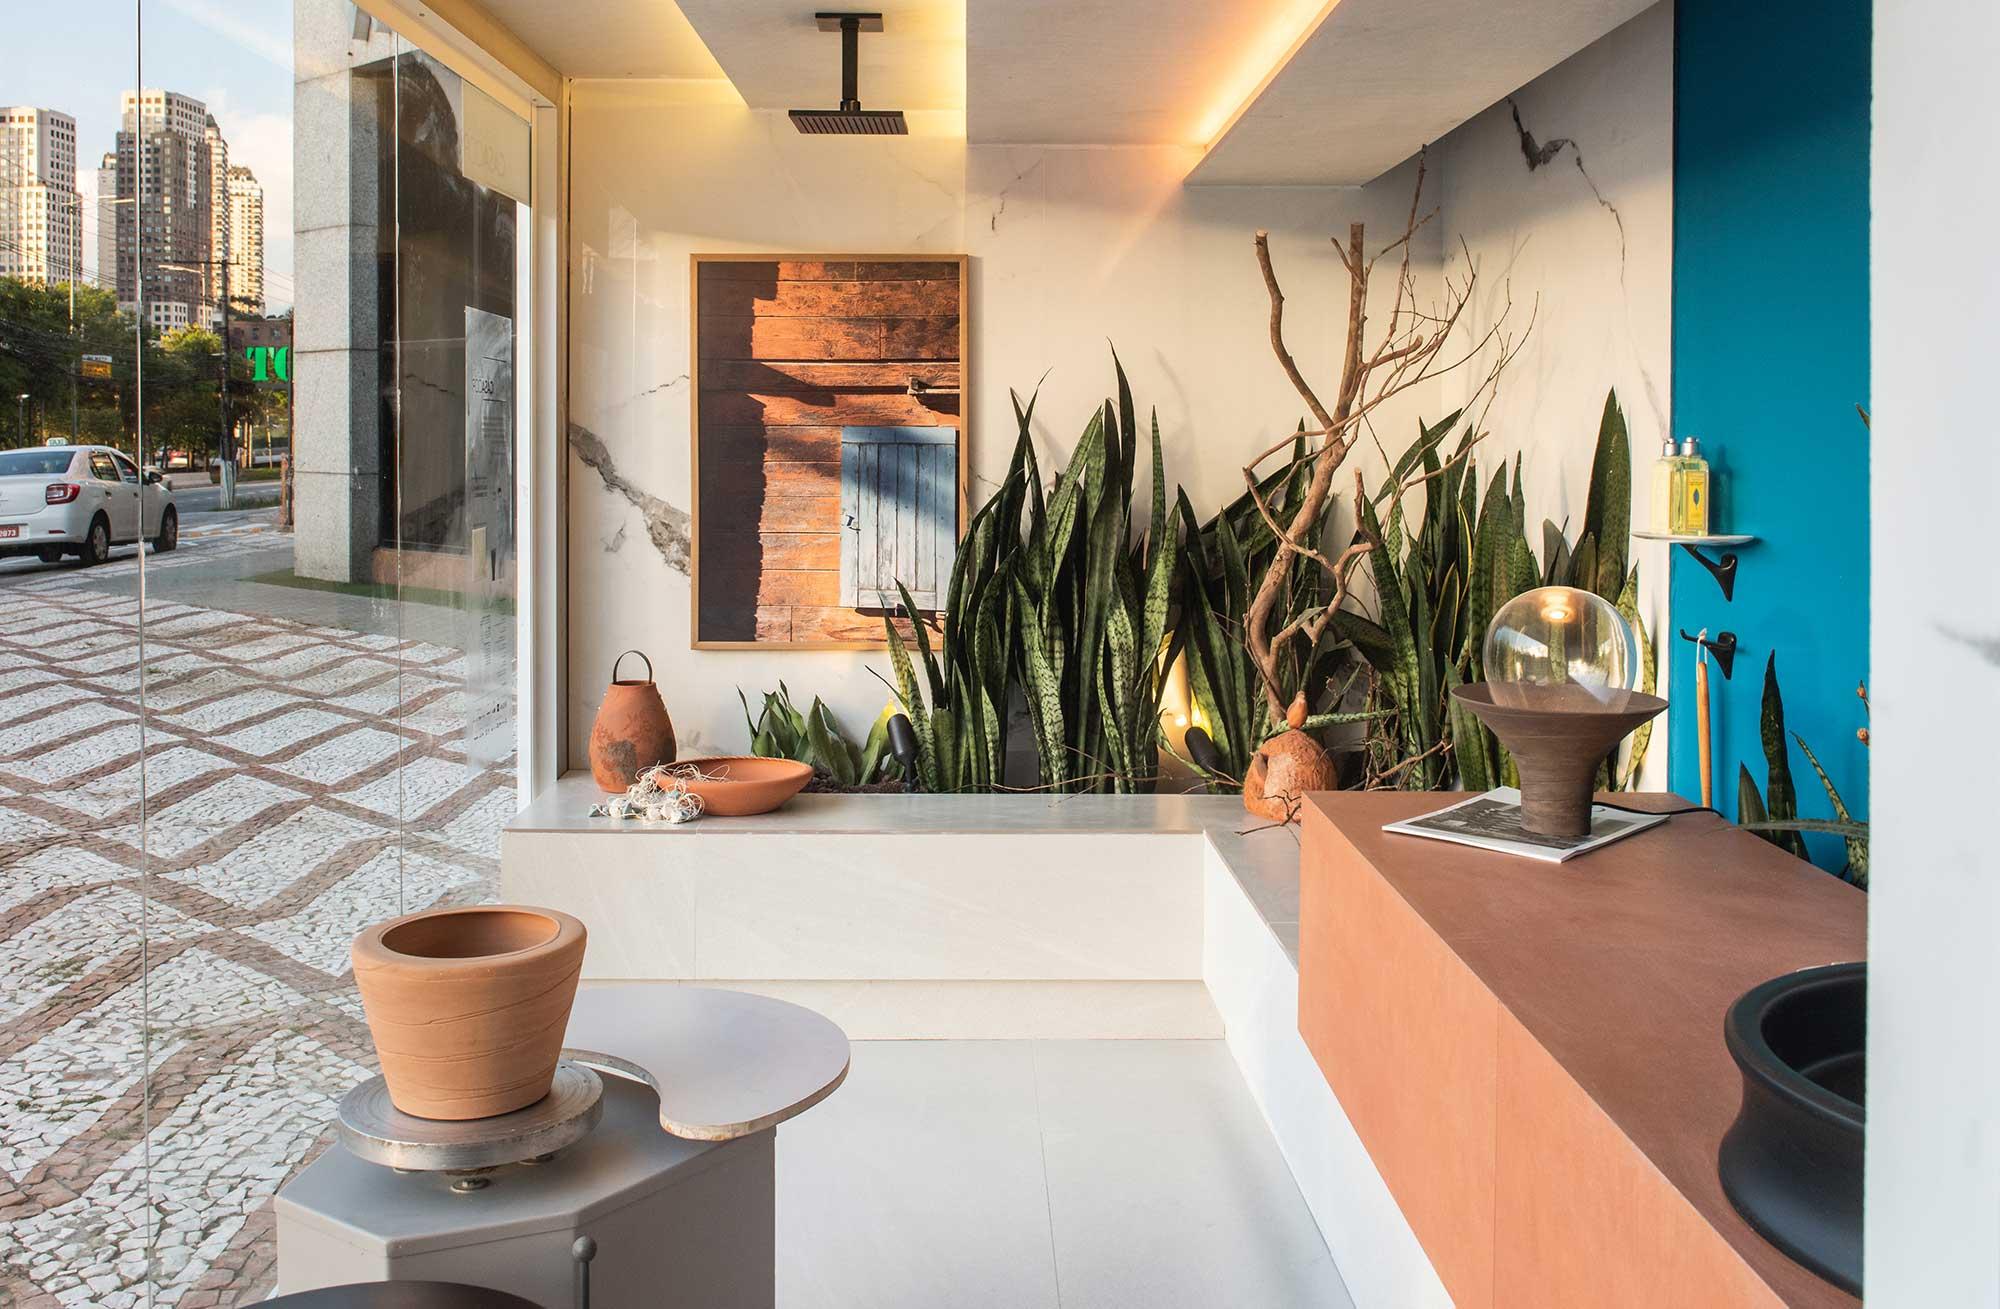 Marcelo Diniz e Mateus Finzetto criaram um jardim dentro do seu Banheiro do Ceramista: a espada-de-São-Jorge aparece junto com galhos secos e uma casinha de João-de-barro.